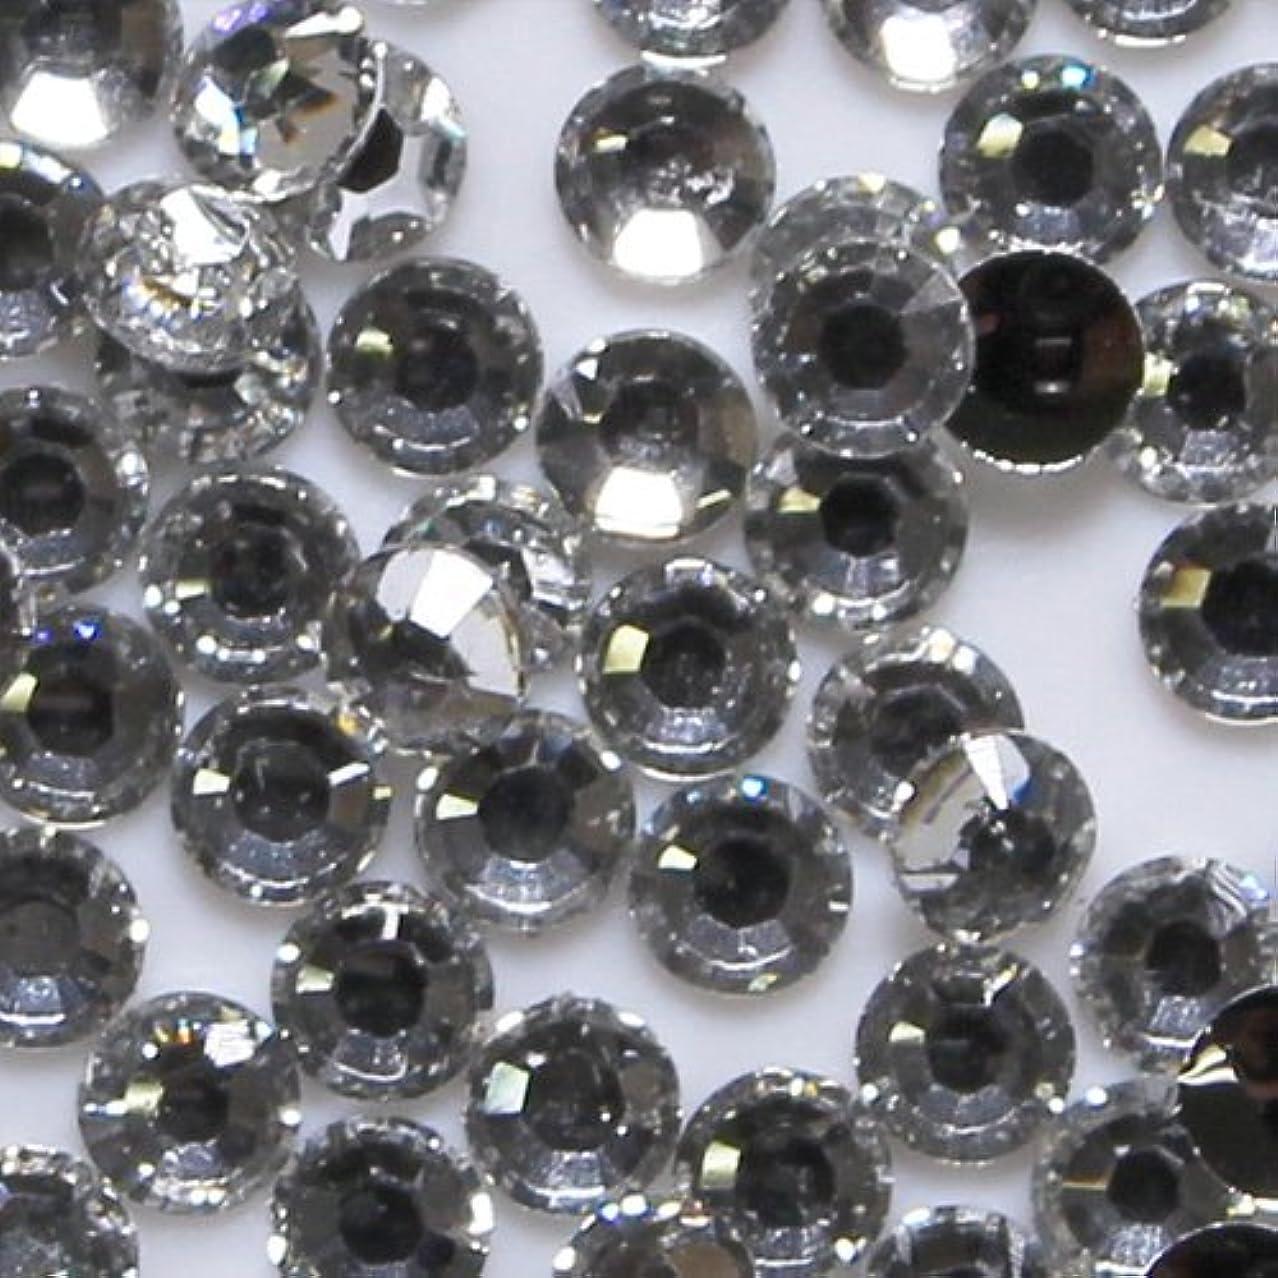 高品質 アクリルストーン ラインストーン ラウンドフラット 約1000粒入り 4mm ダイヤモンド